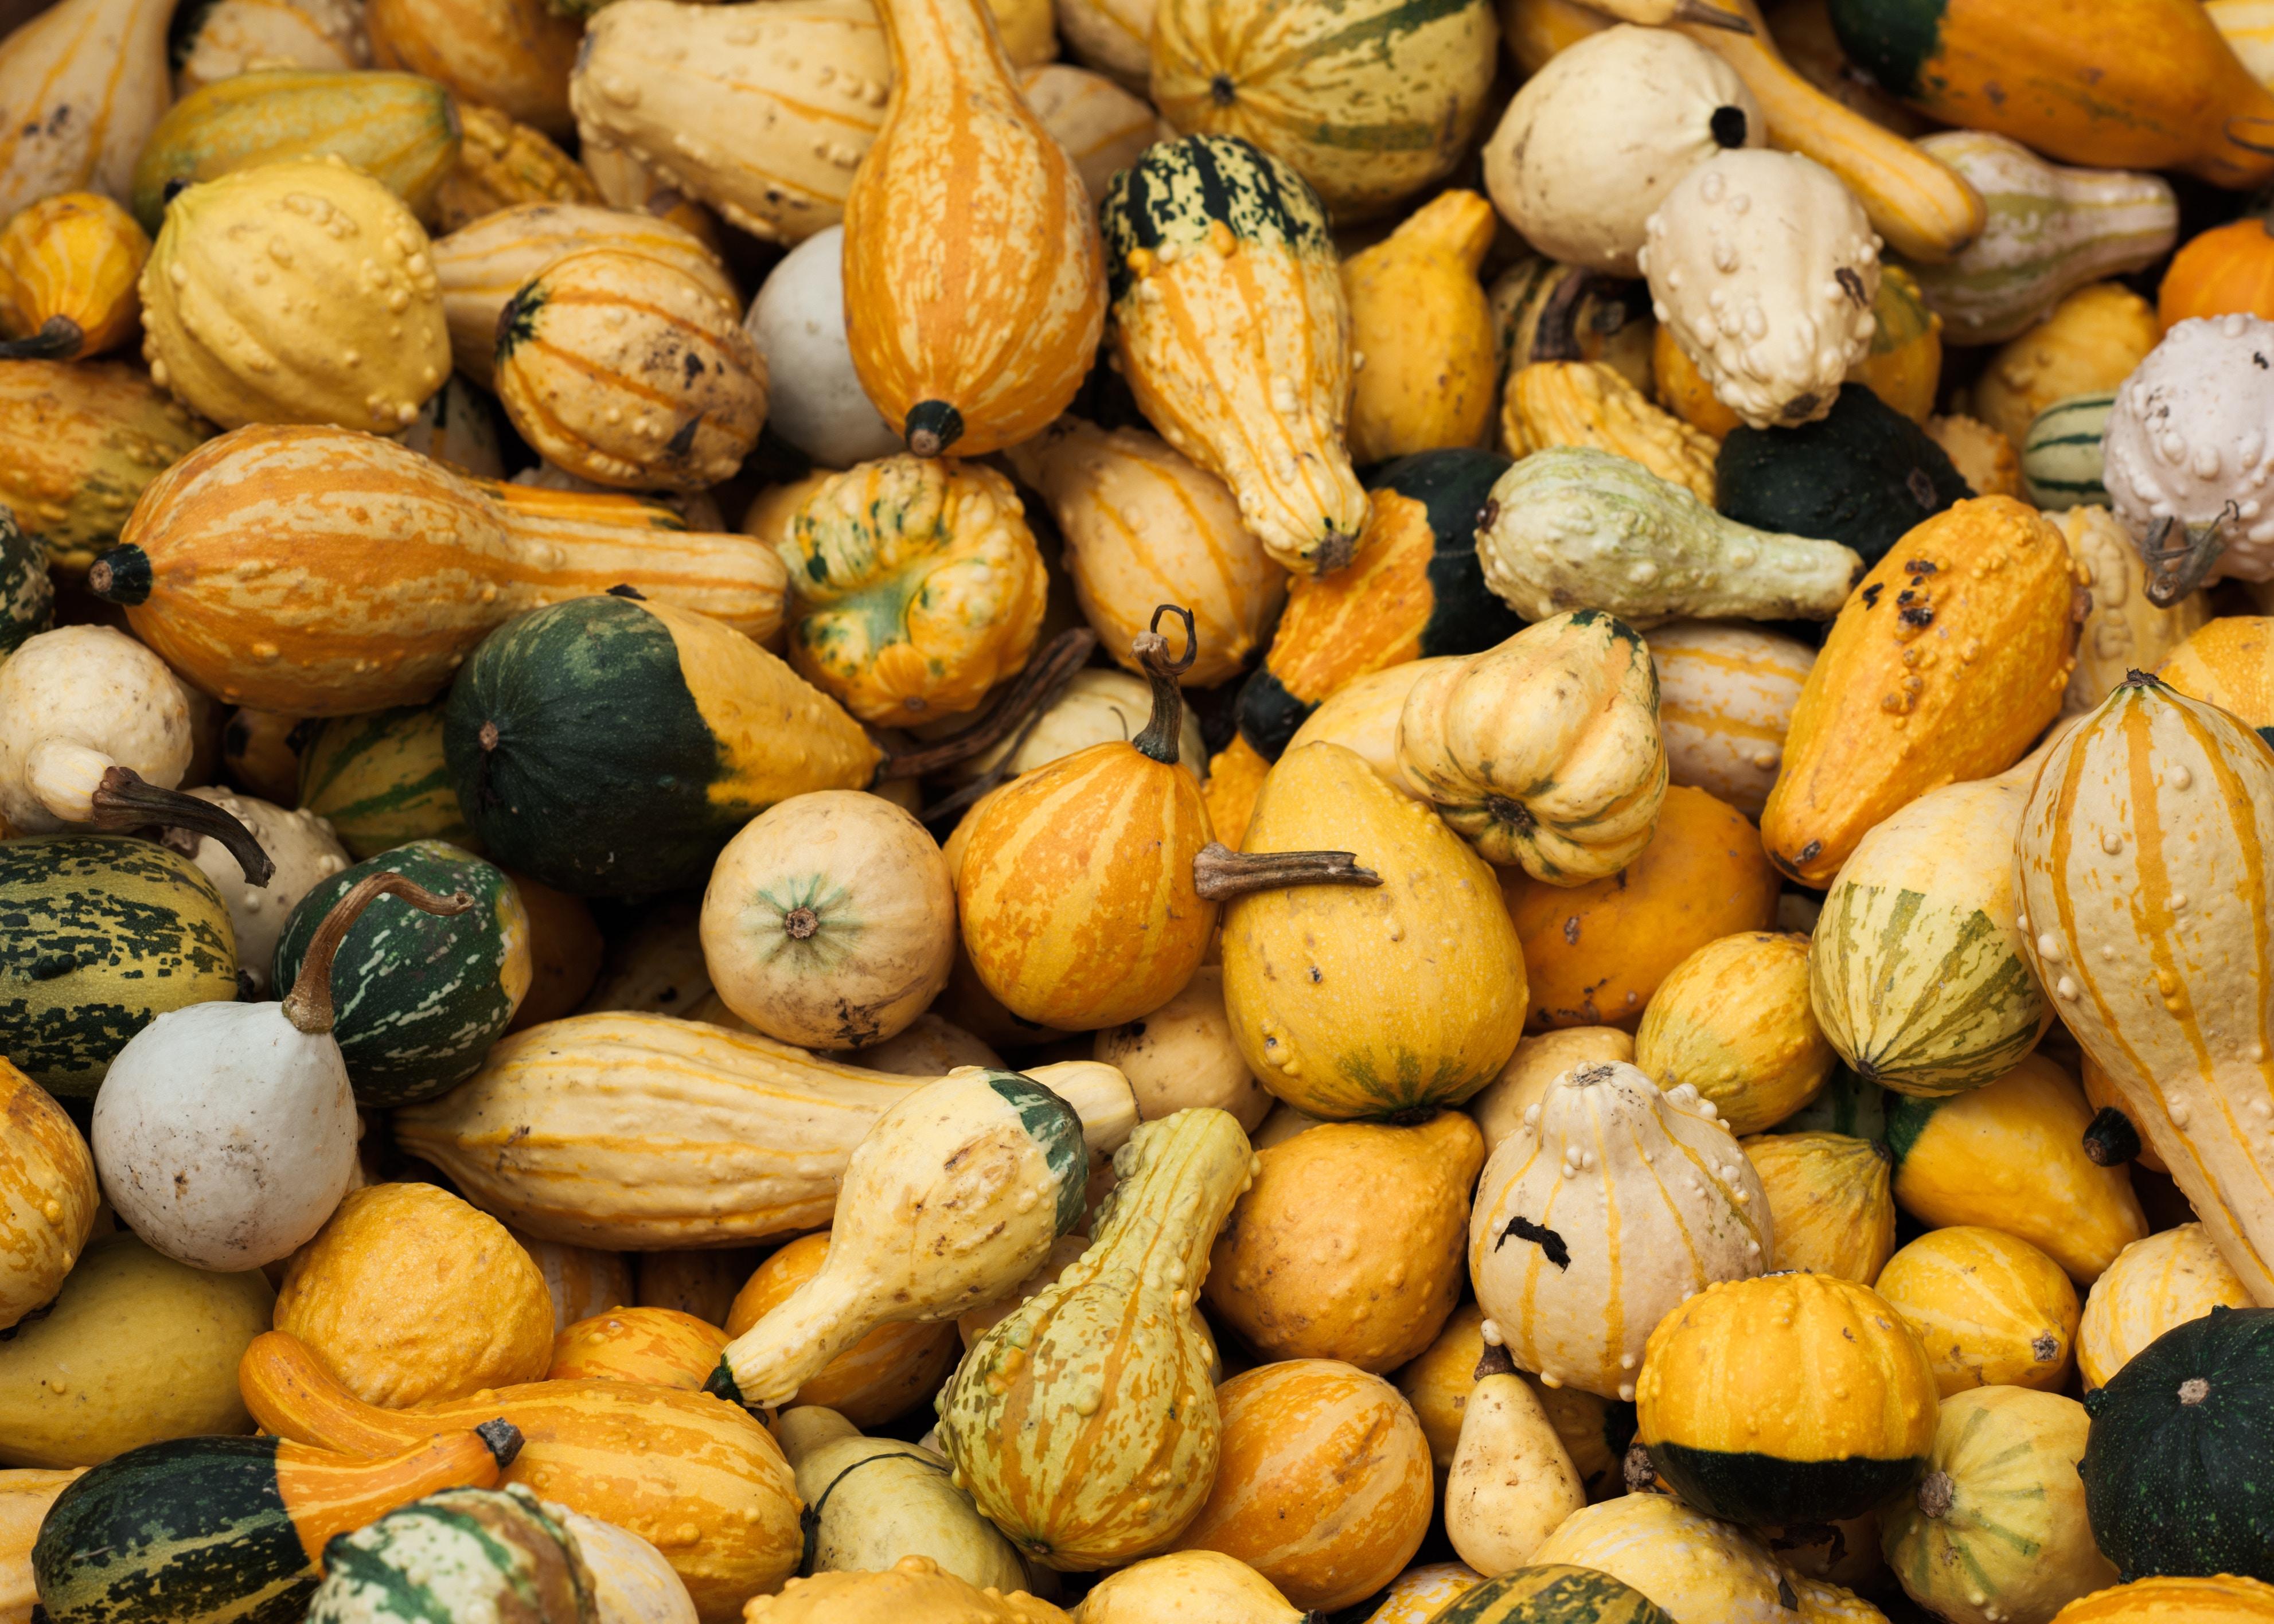 Winter squash - acorn, delicata, butternut